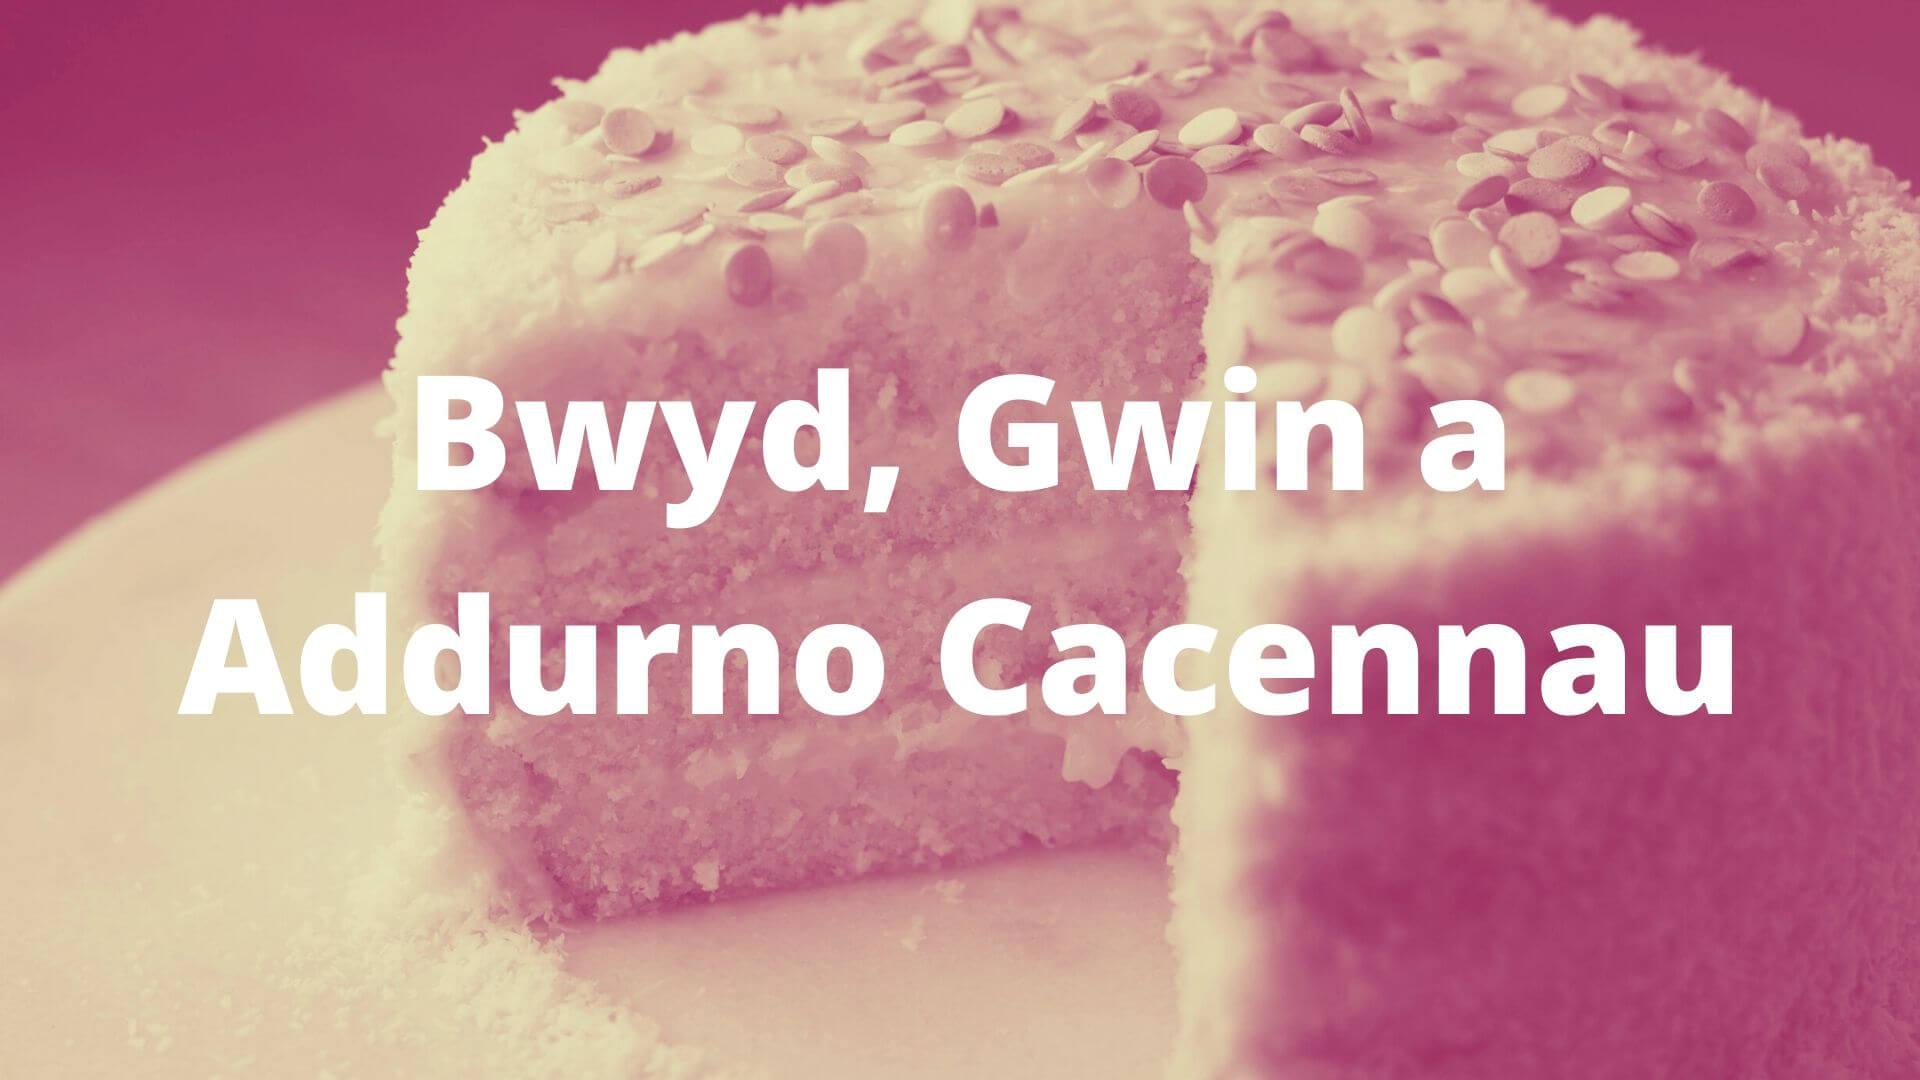 bwyd, gwin a addurno cacennau banner